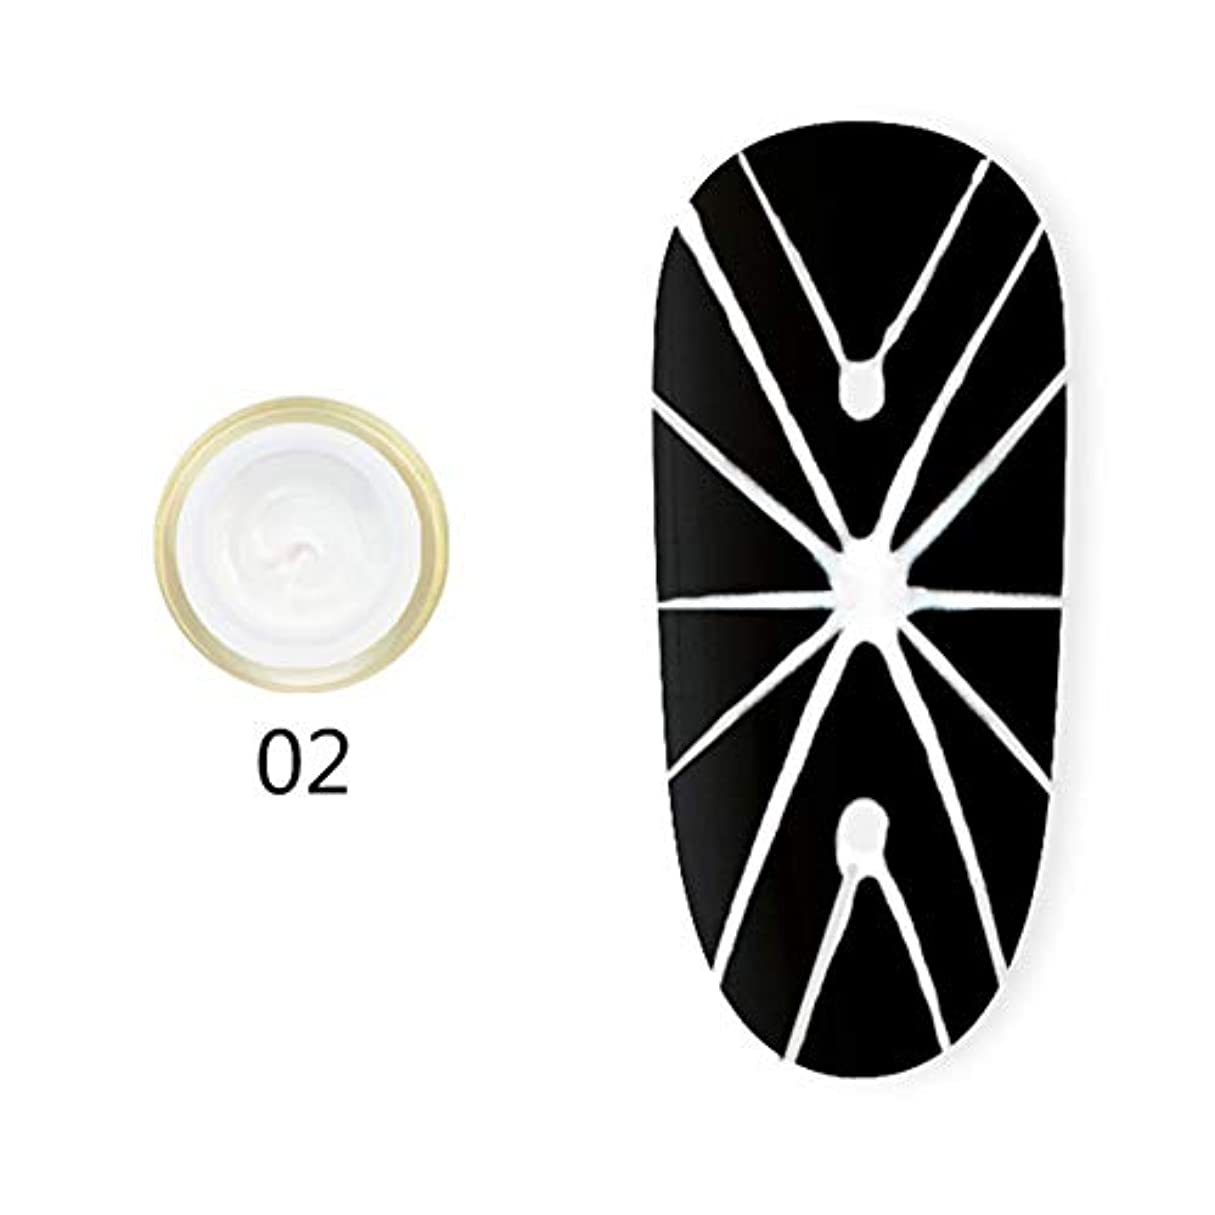 電報に勝るスペースhamulekfae-弾性クモ画線ワイヤーペインティングジェルDIY UVネイルジェルポリッシュラッカー White